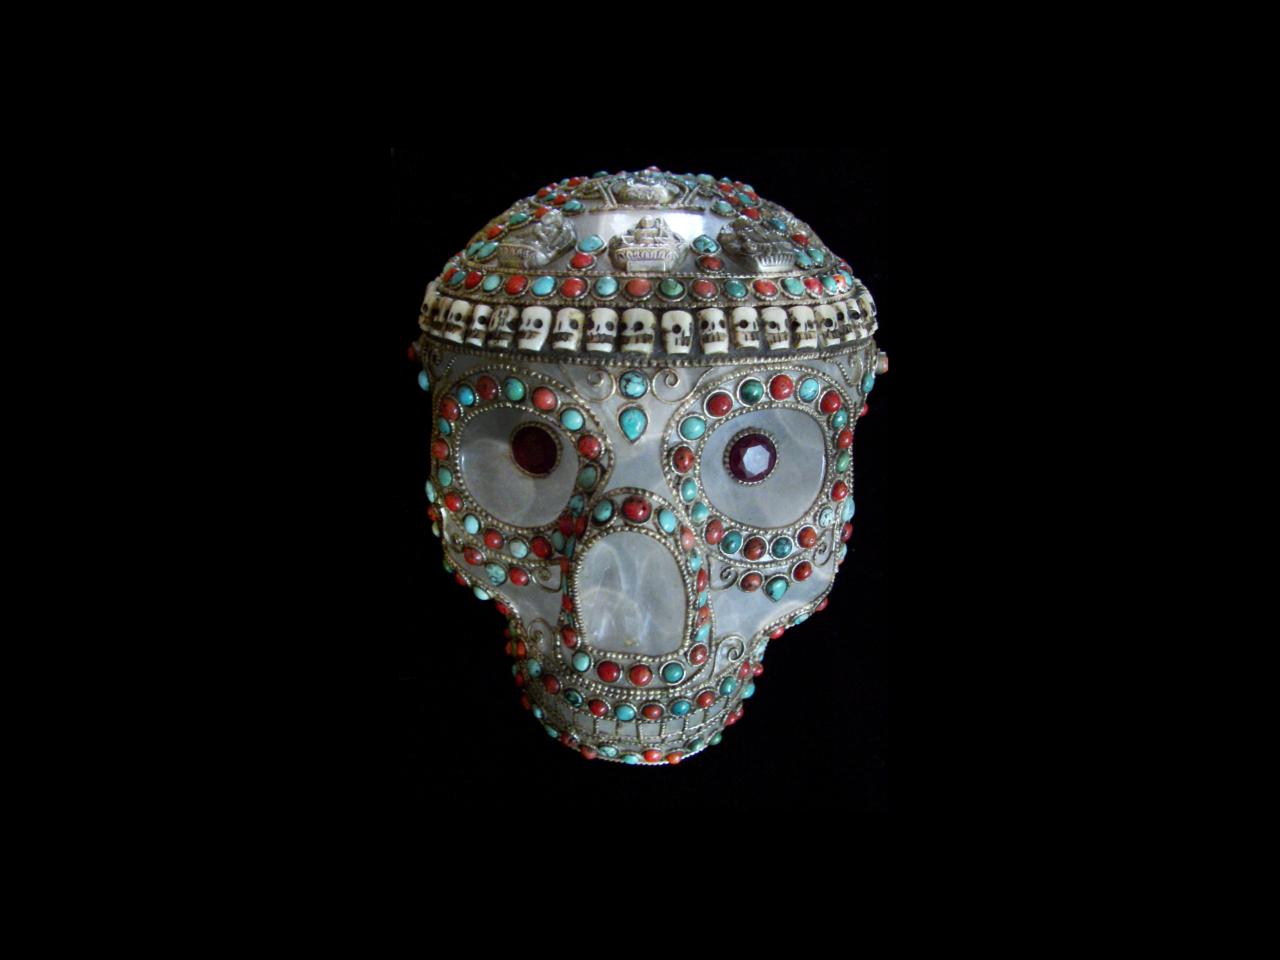 'Omani' Crystal Skull.